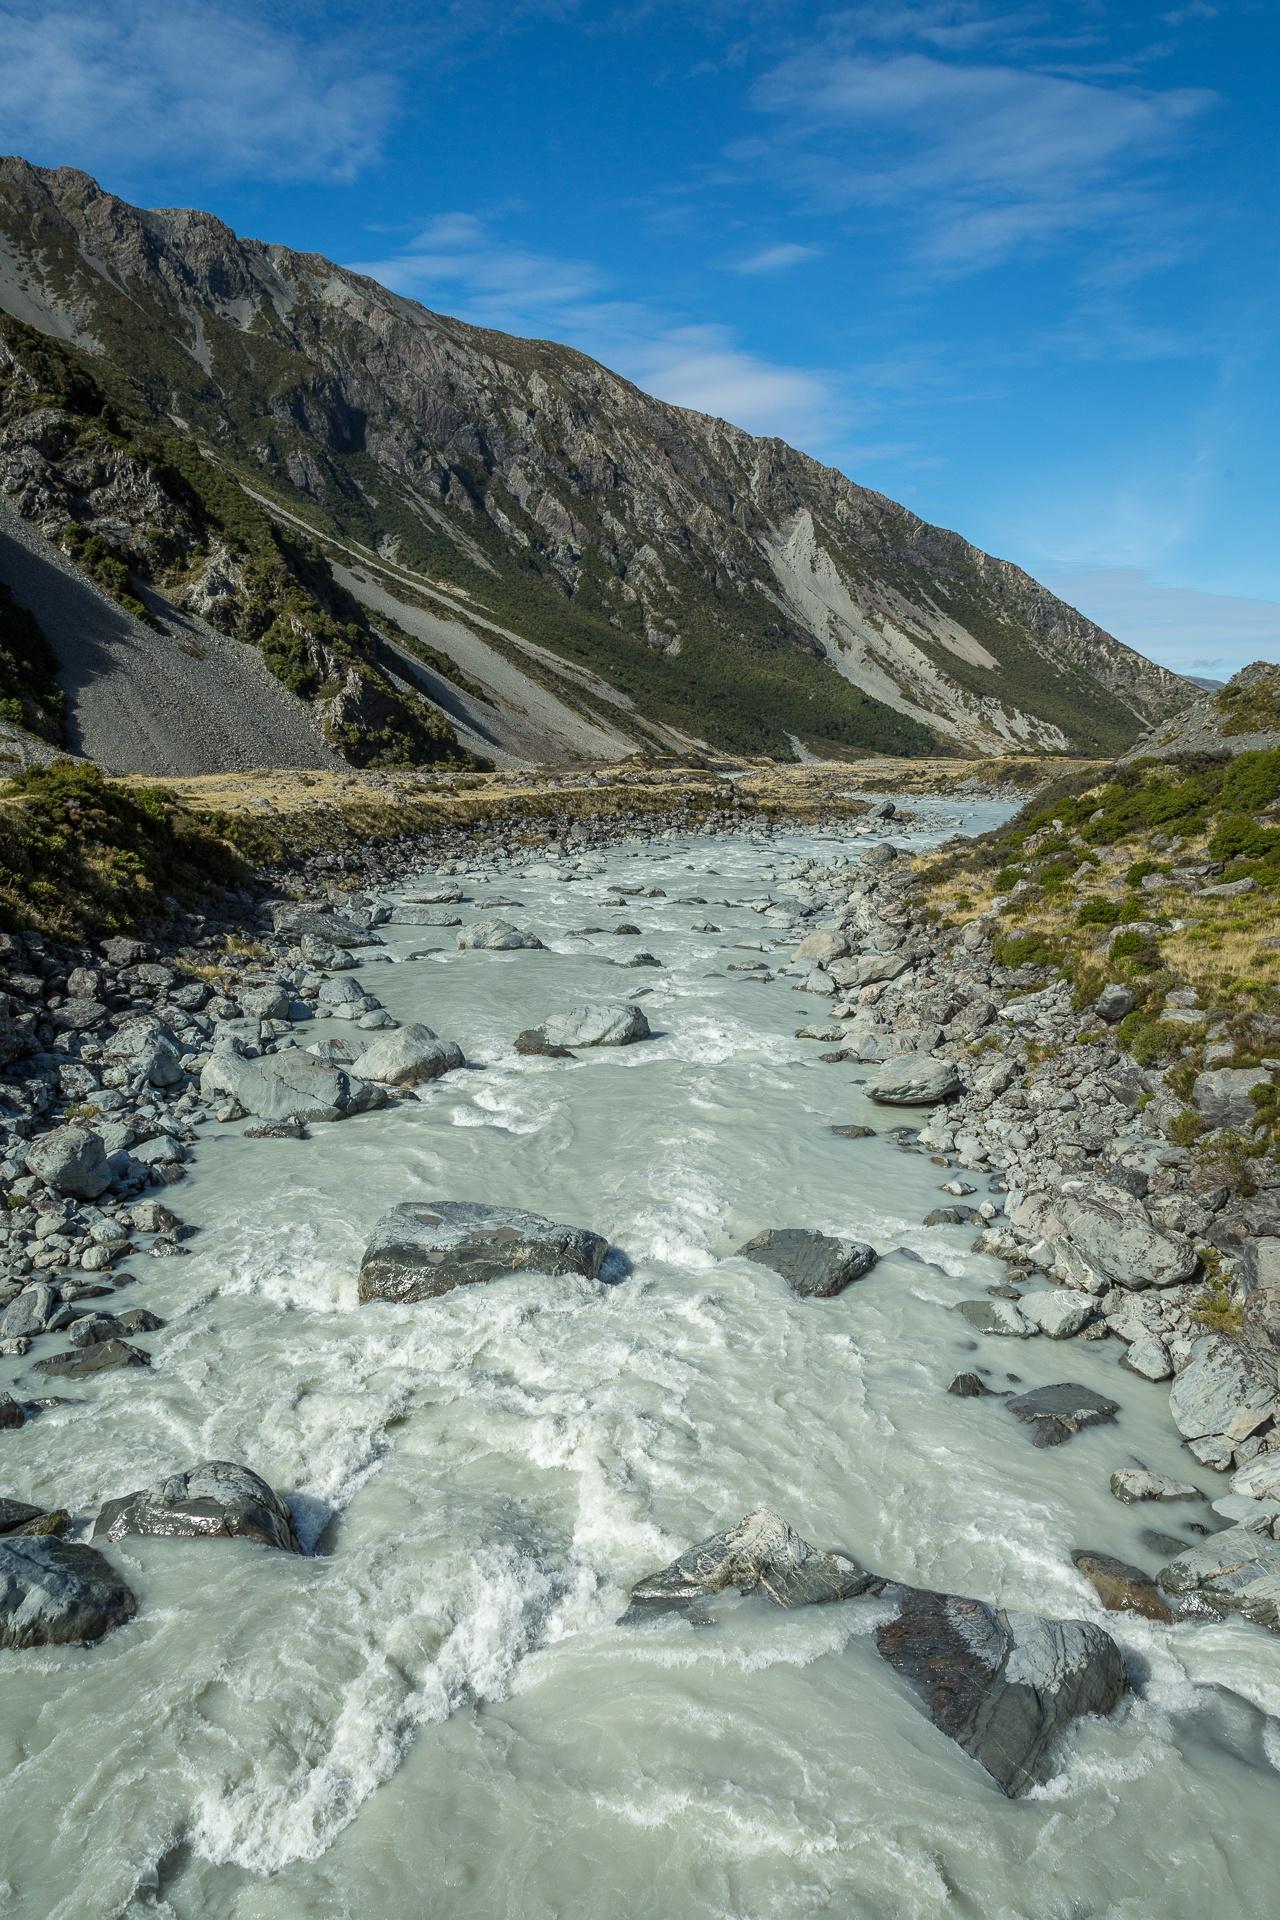 Milky glacial stream